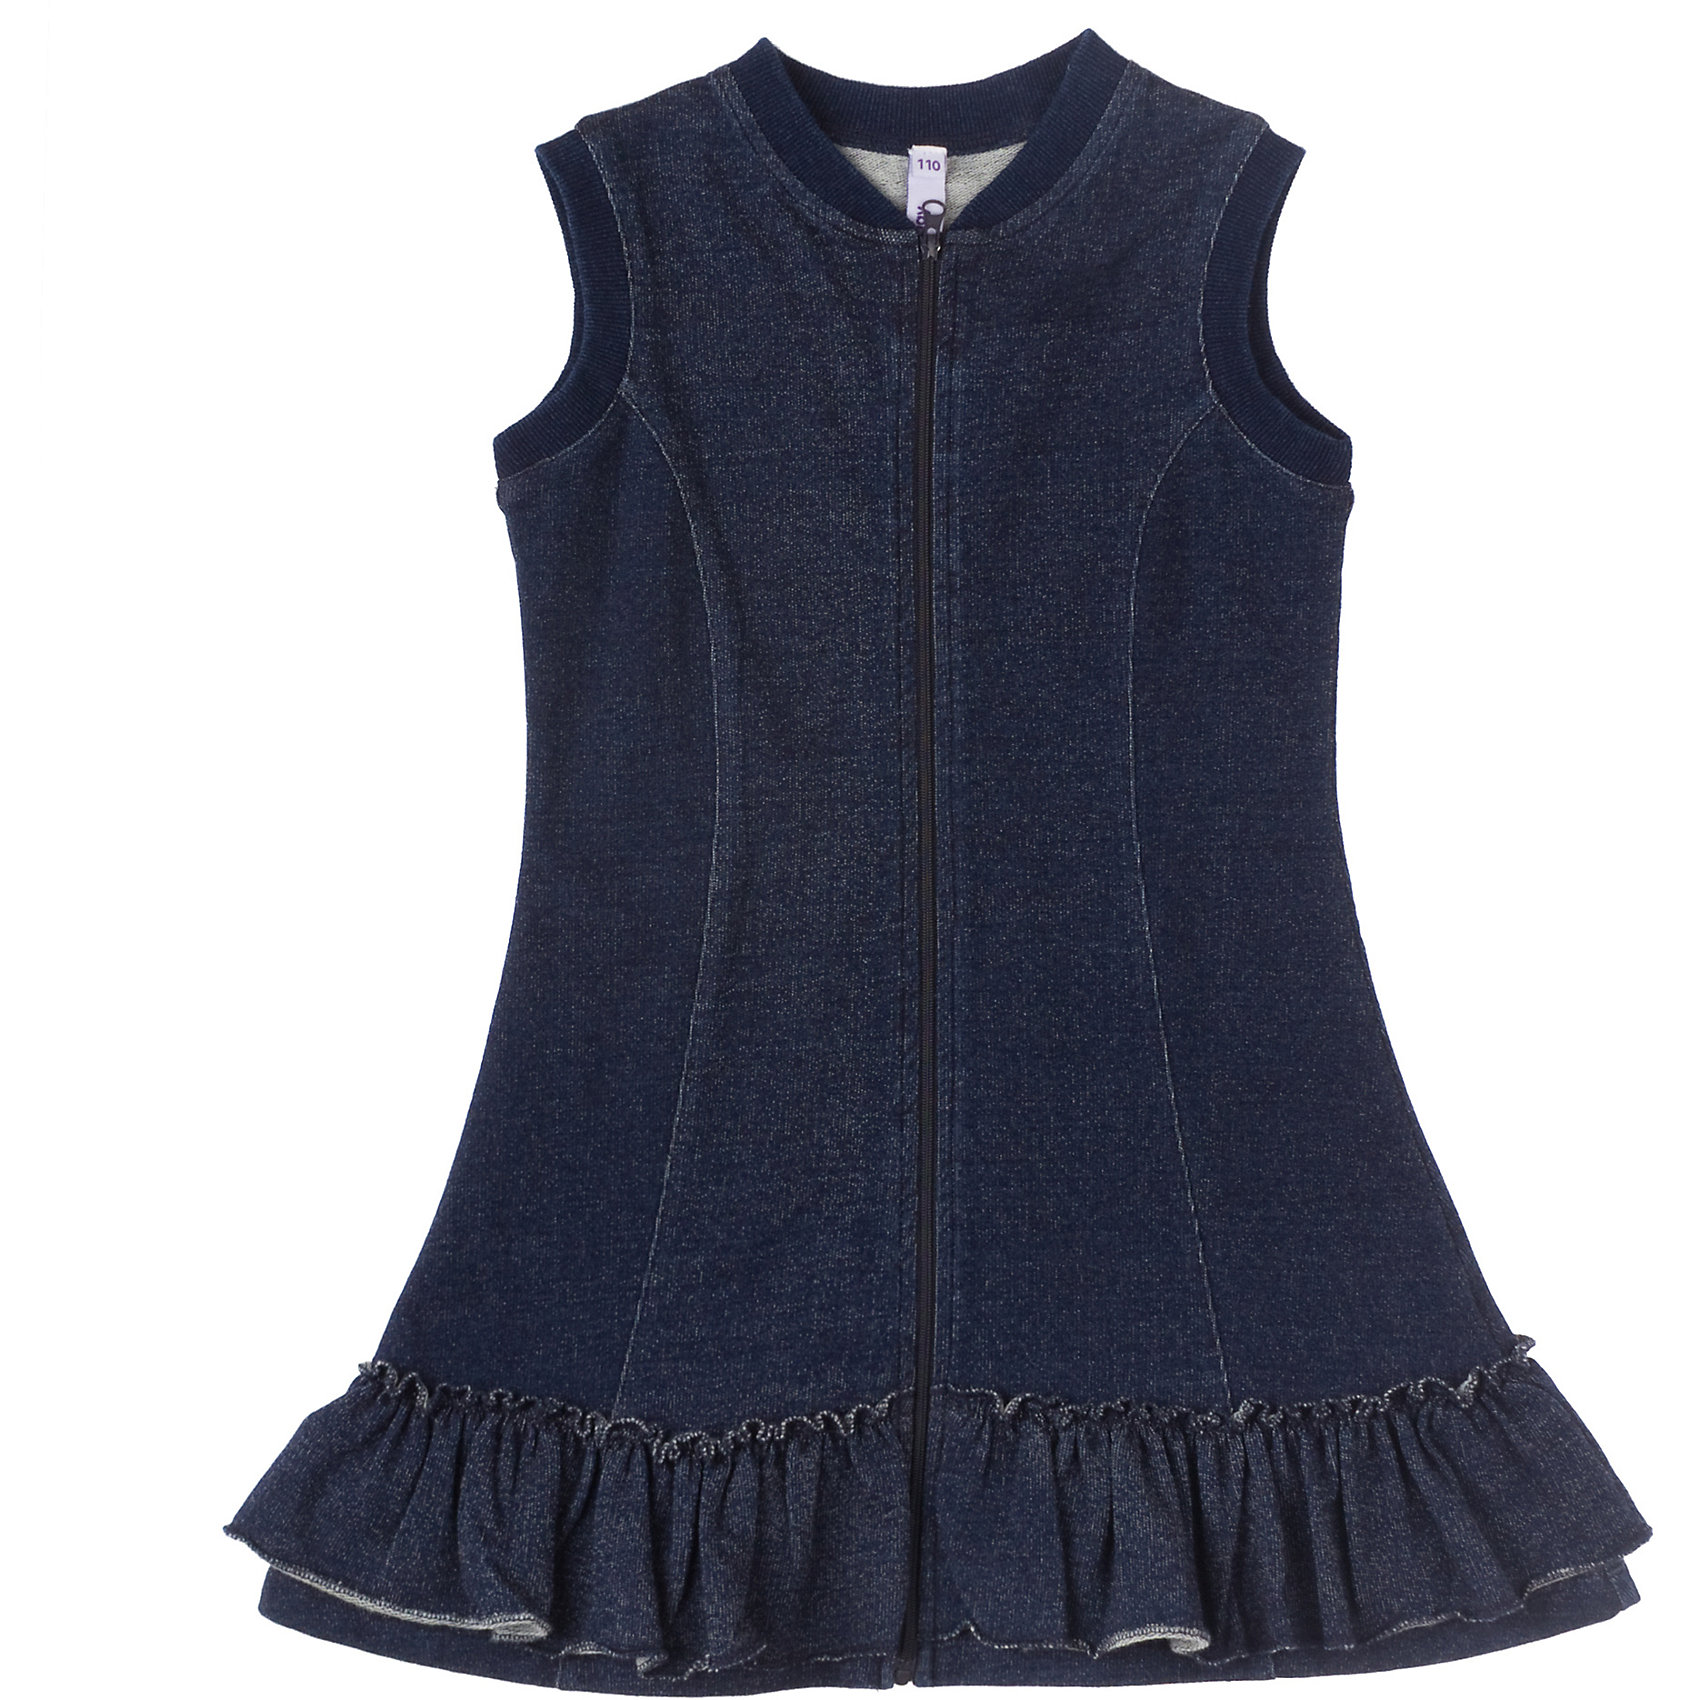 Платье PlayTodayПлатье  PlayToday Легкое хлопковое платье на молнии, стилизованное под джинсу. Эластичное, хорошо сидит по фигуре. Состав: 96% хлопок, 4% эластан<br><br>Ширина мм: 236<br>Глубина мм: 16<br>Высота мм: 184<br>Вес г: 177<br>Цвет: полуночно-синий<br>Возраст от месяцев: 24<br>Возраст до месяцев: 36<br>Пол: Женский<br>Возраст: Детский<br>Размер: 98,128,122,116,110,104<br>SKU: 4228744